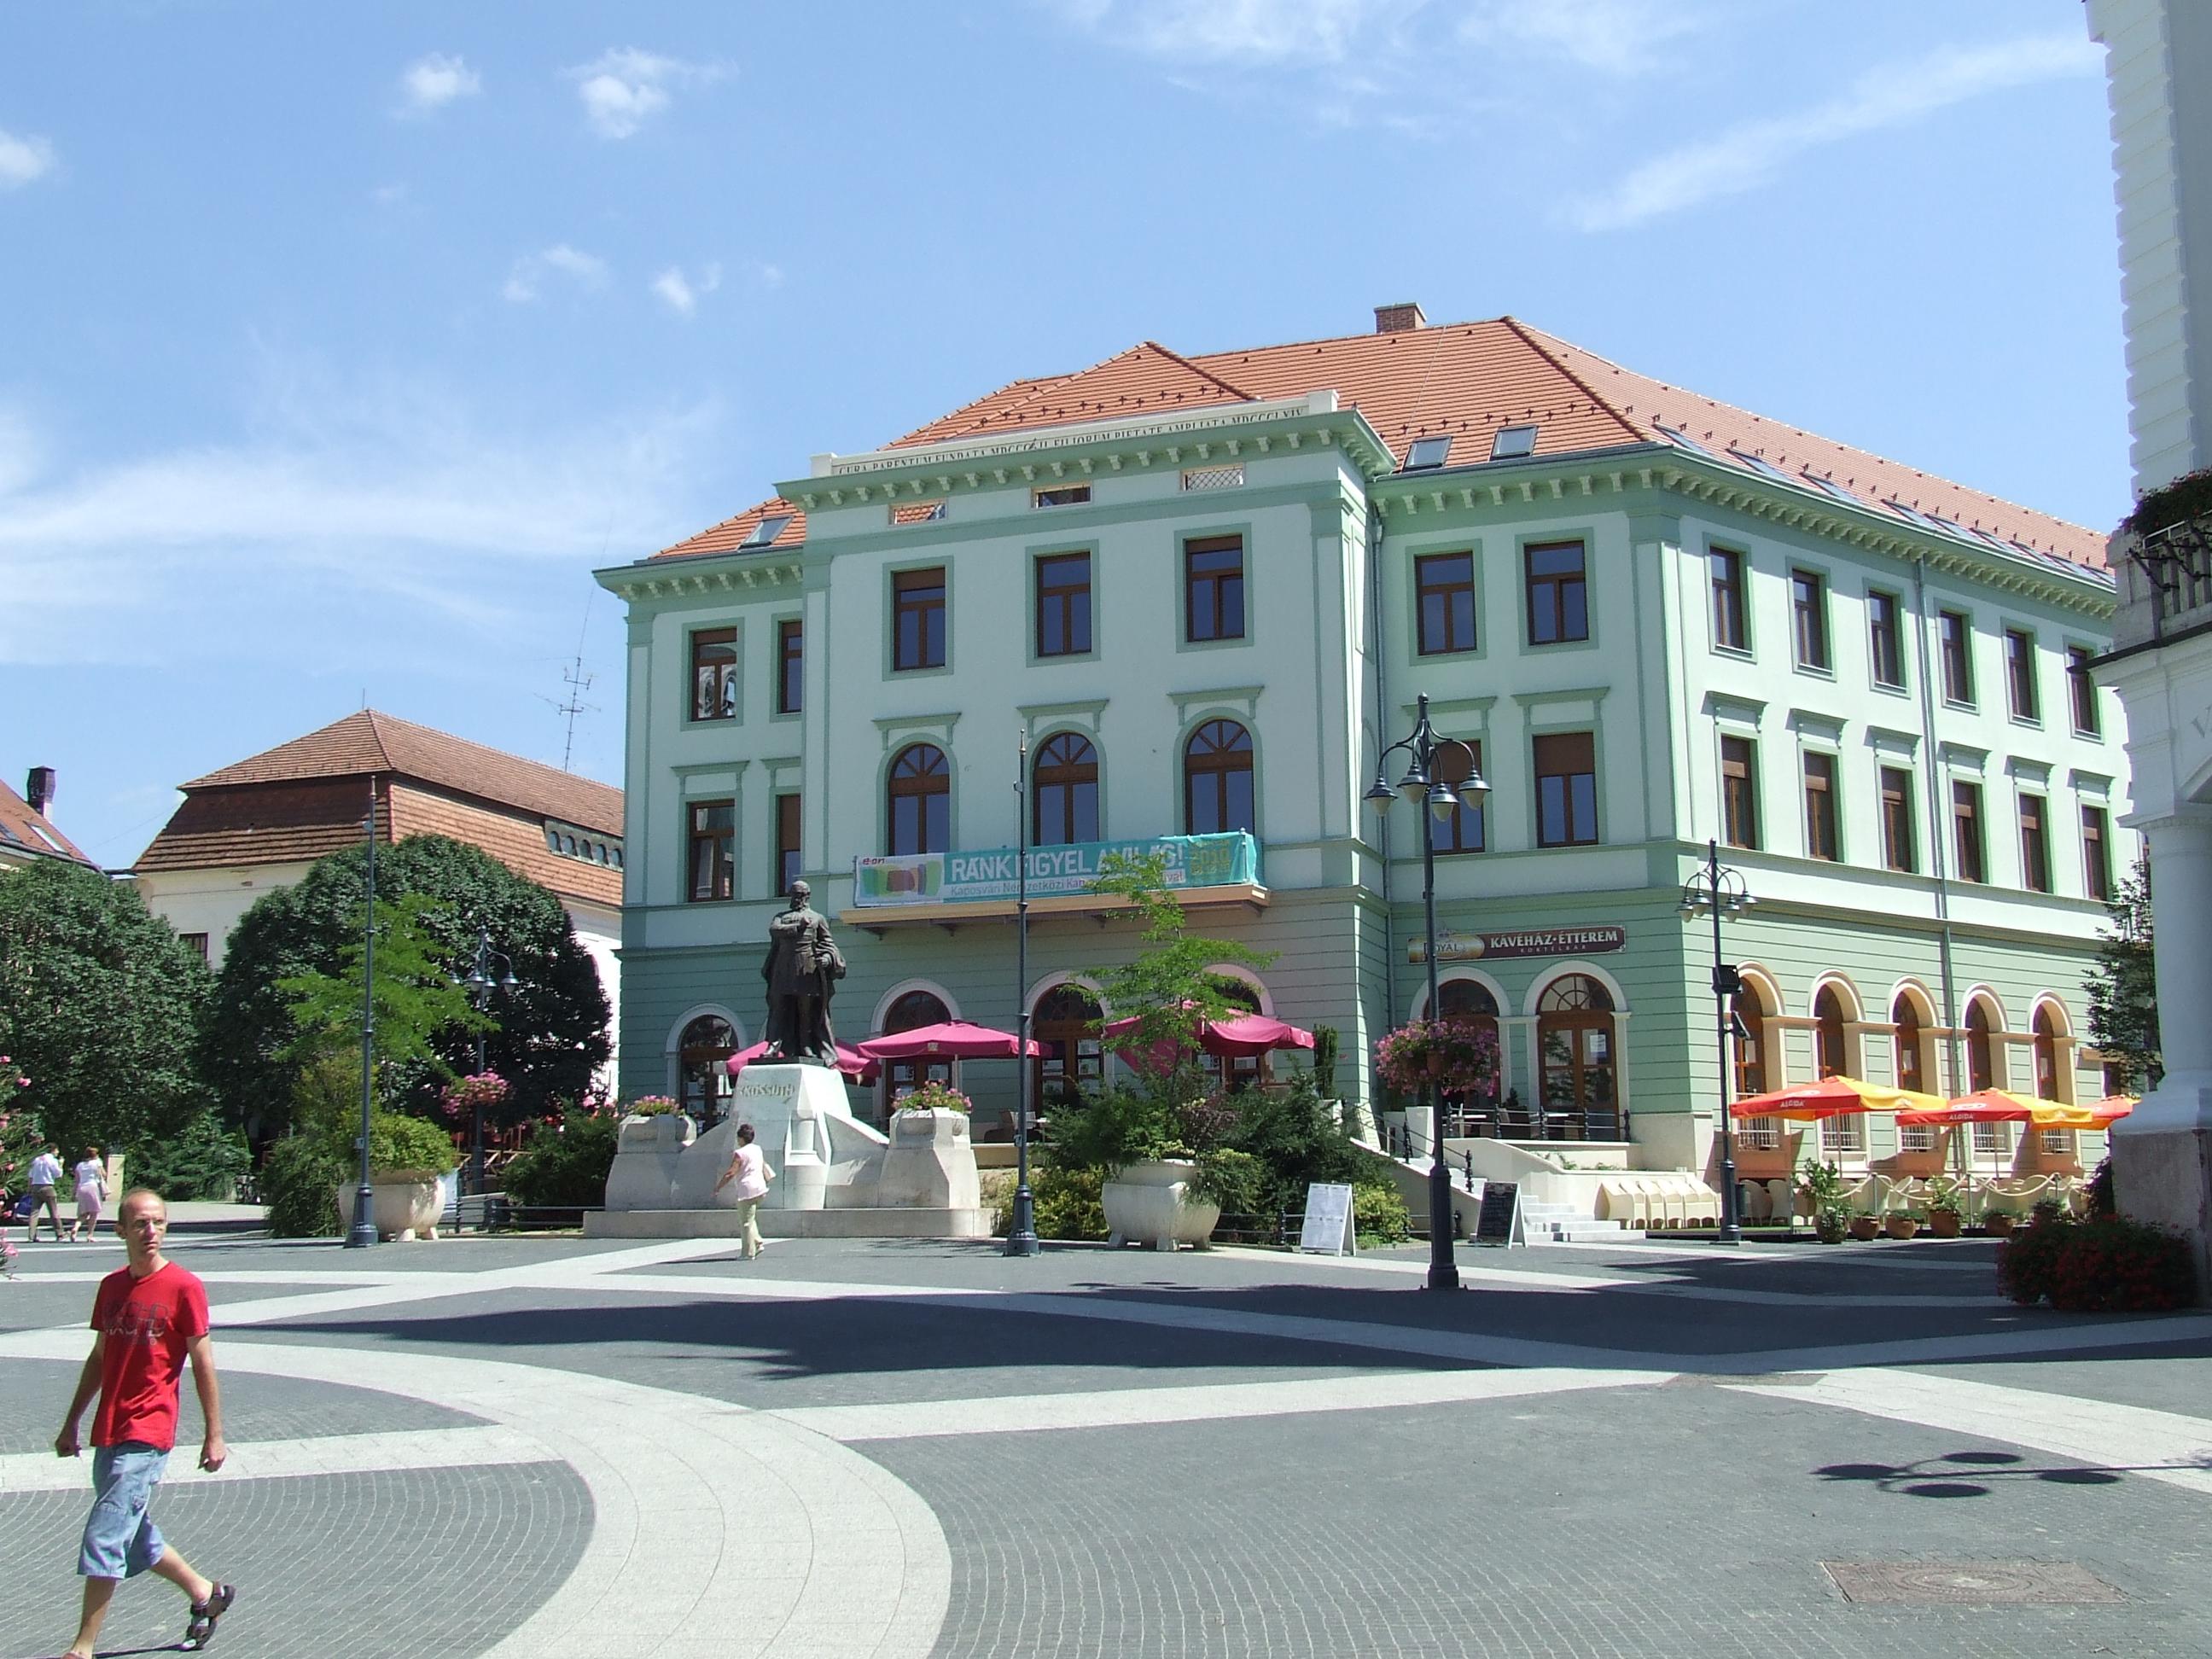 Szinte nincs olyan nagyobb város, ahol ne lenne egy Kossuth tér. Ez melyik településhez tartozik?